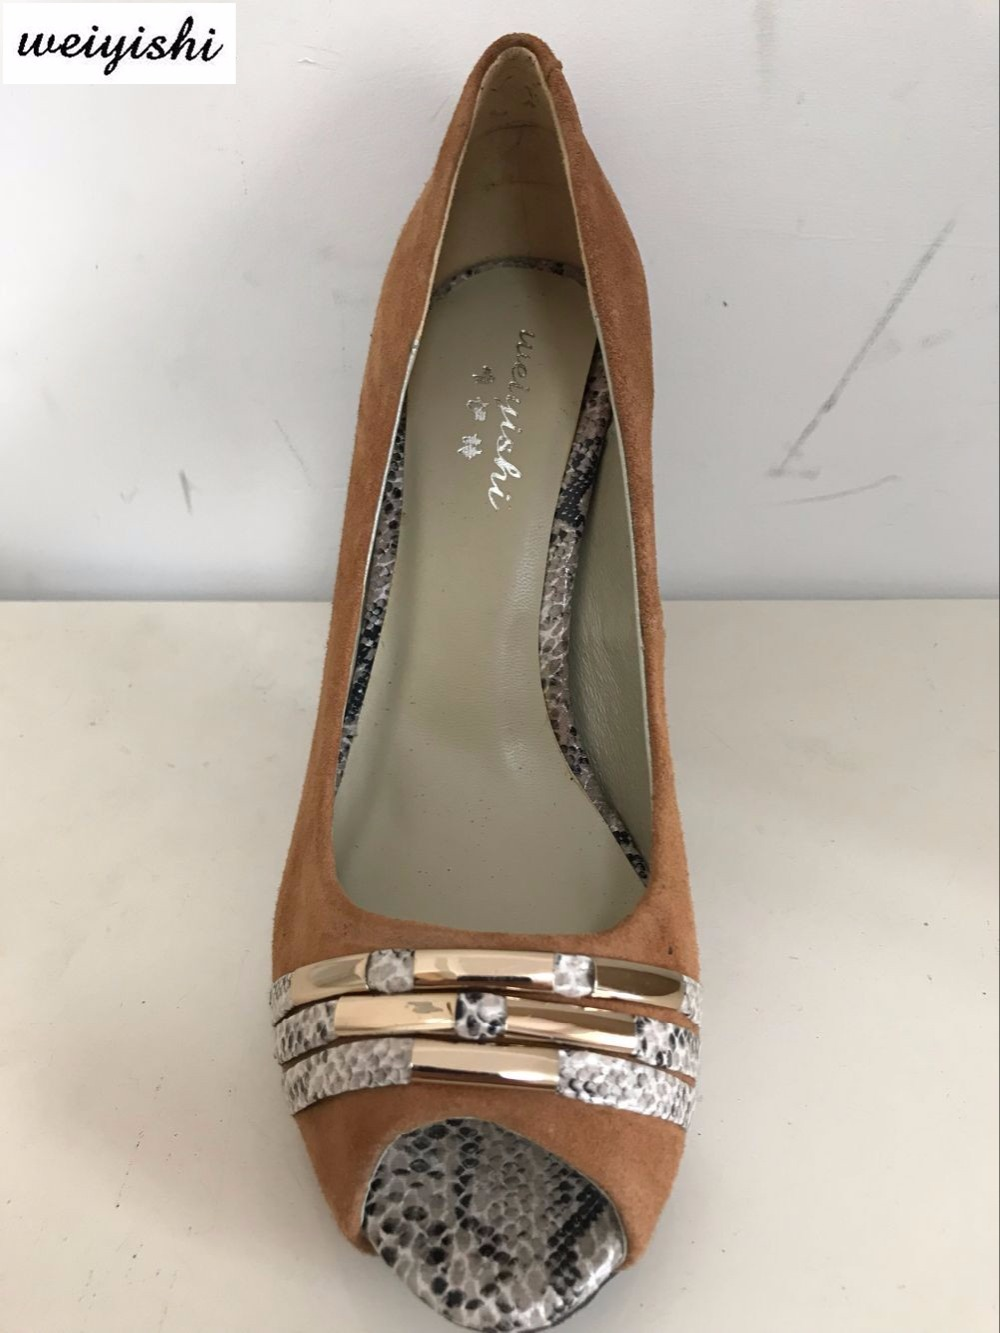 D'or Nouveau Chaussures 07 Sneake Brown Suede matériel Femmes rqXHYr